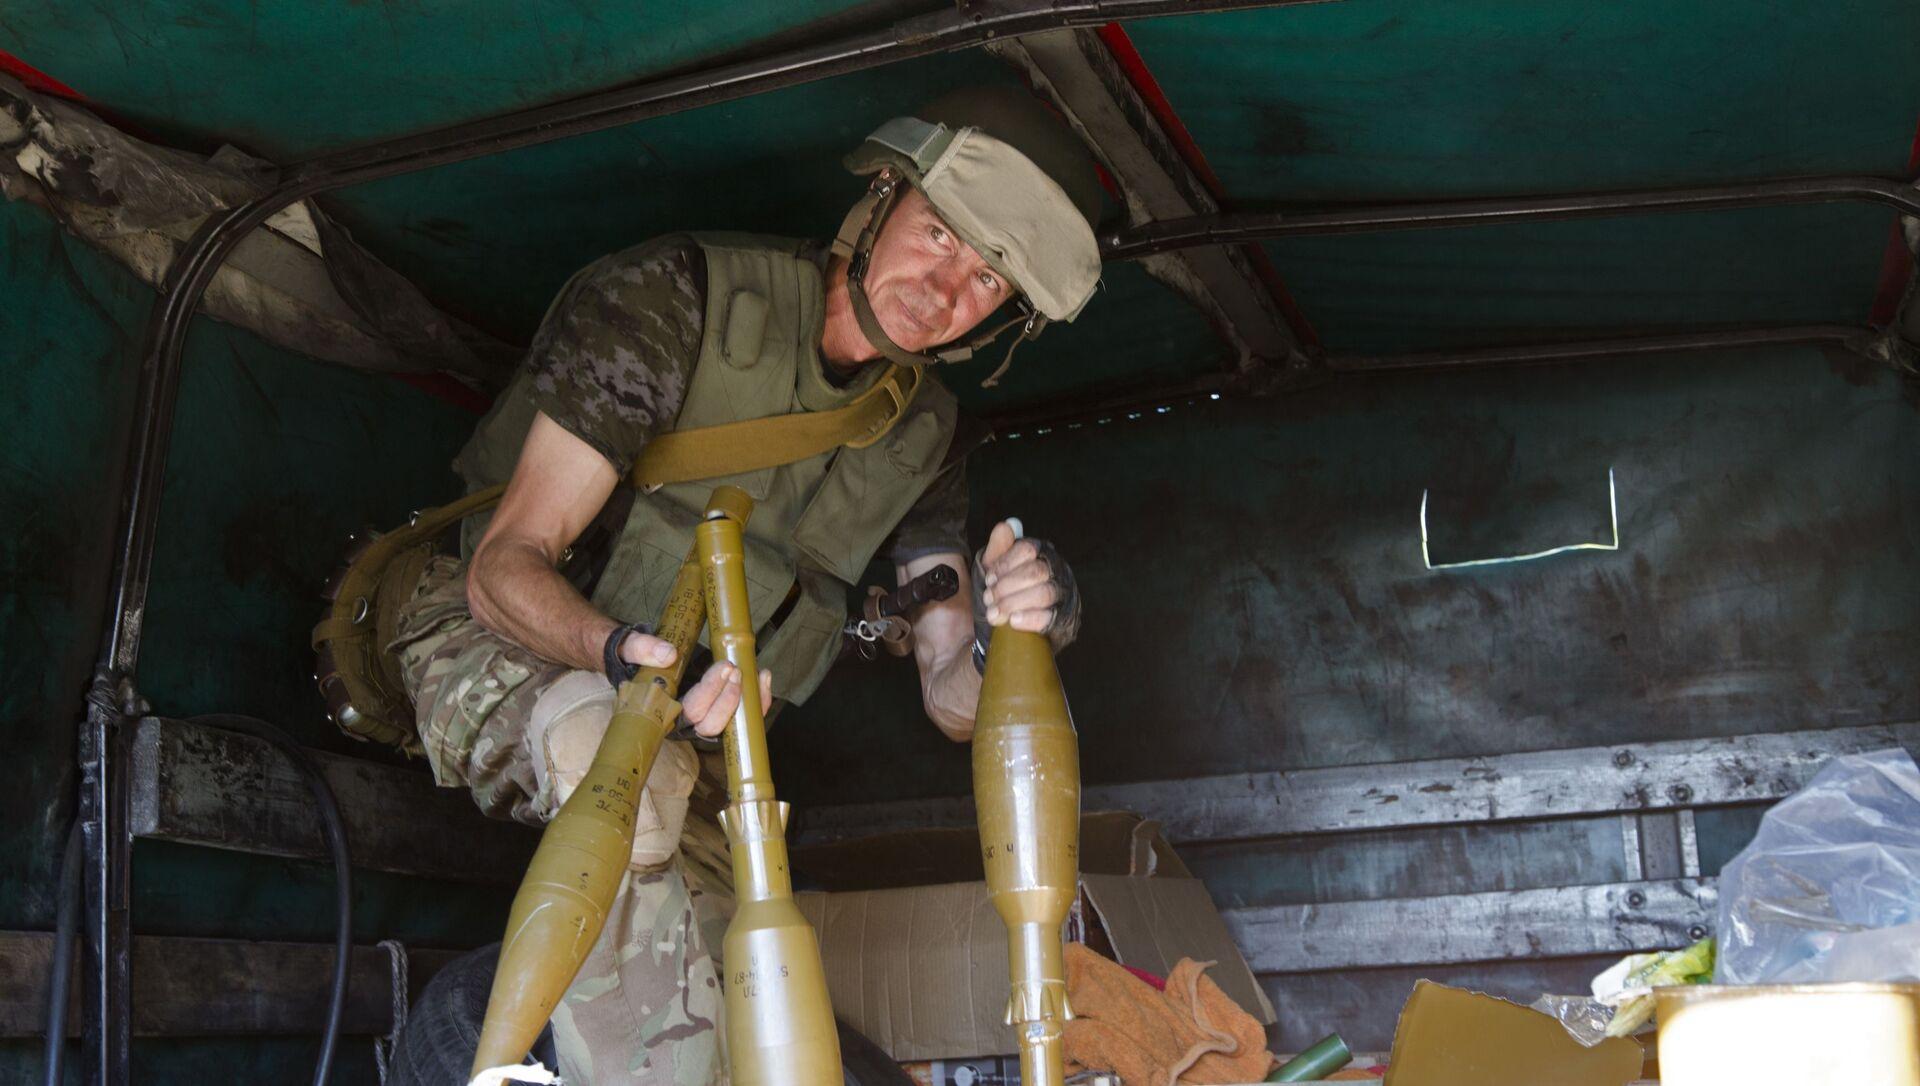 Ukraiński żołnierz w Donbasie. Zdjęcie archiwalne - Sputnik Polska, 1920, 05.04.2021